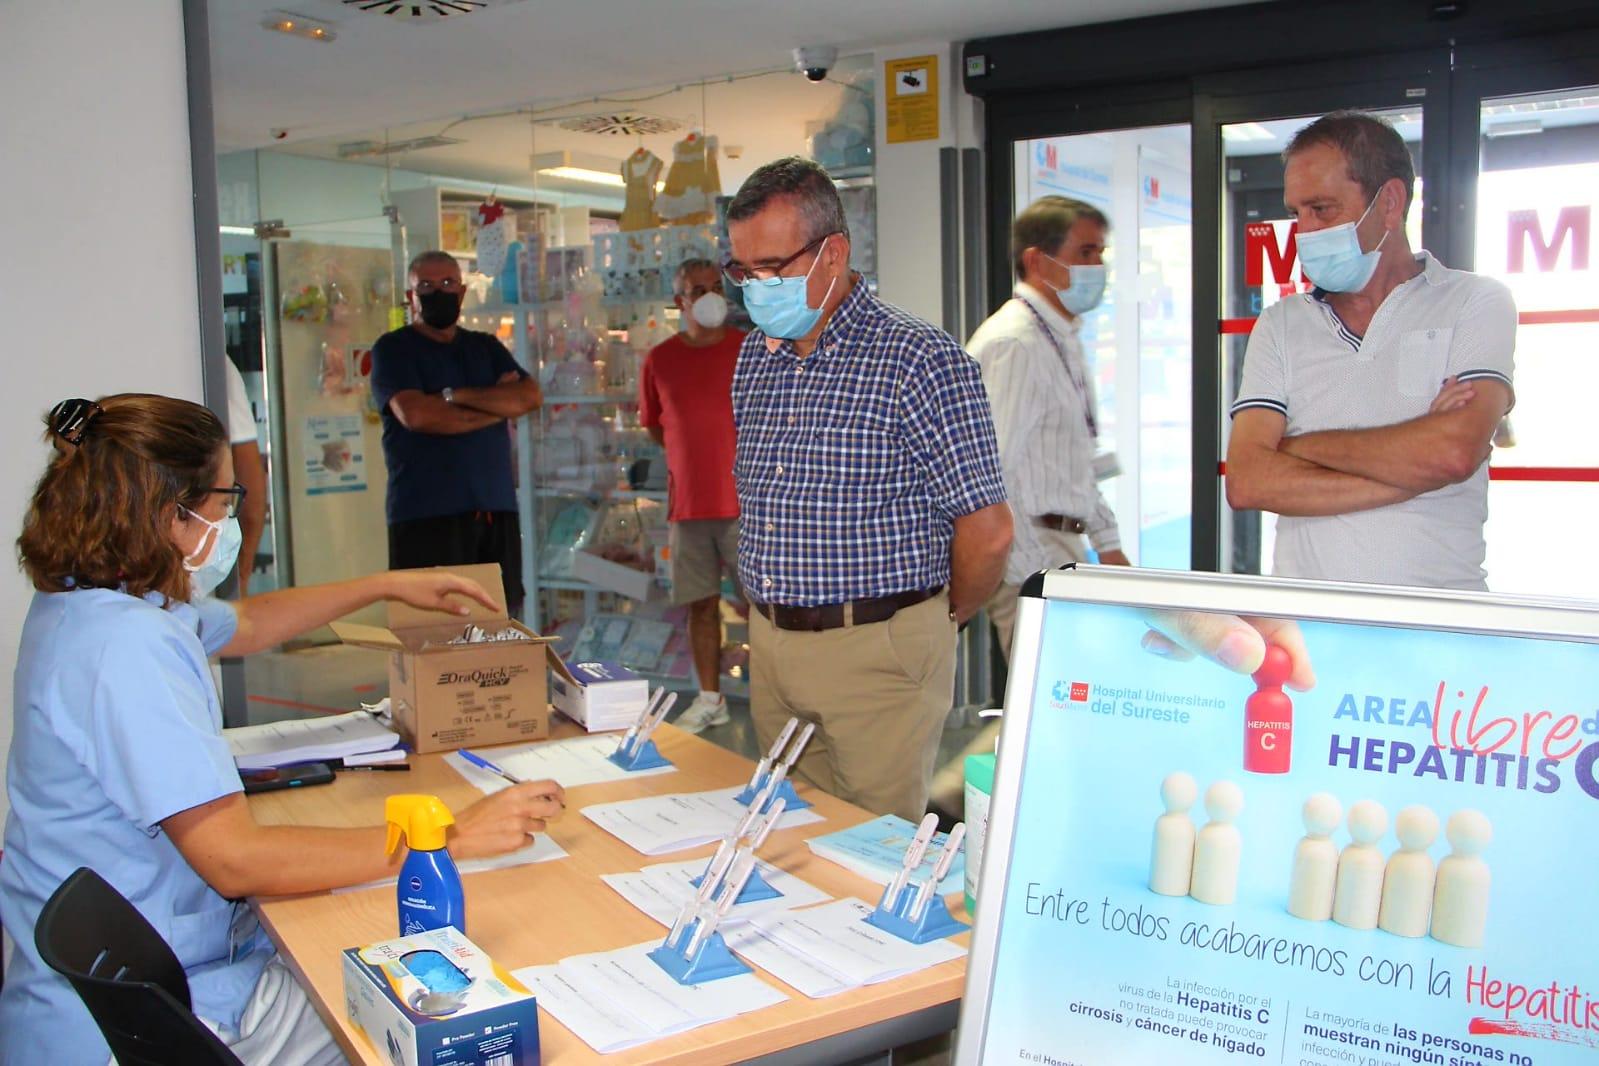 El Hospital del Sureste realizó un cribado de hepatitis C con motivo del Día Mundial contra la Hepatitis